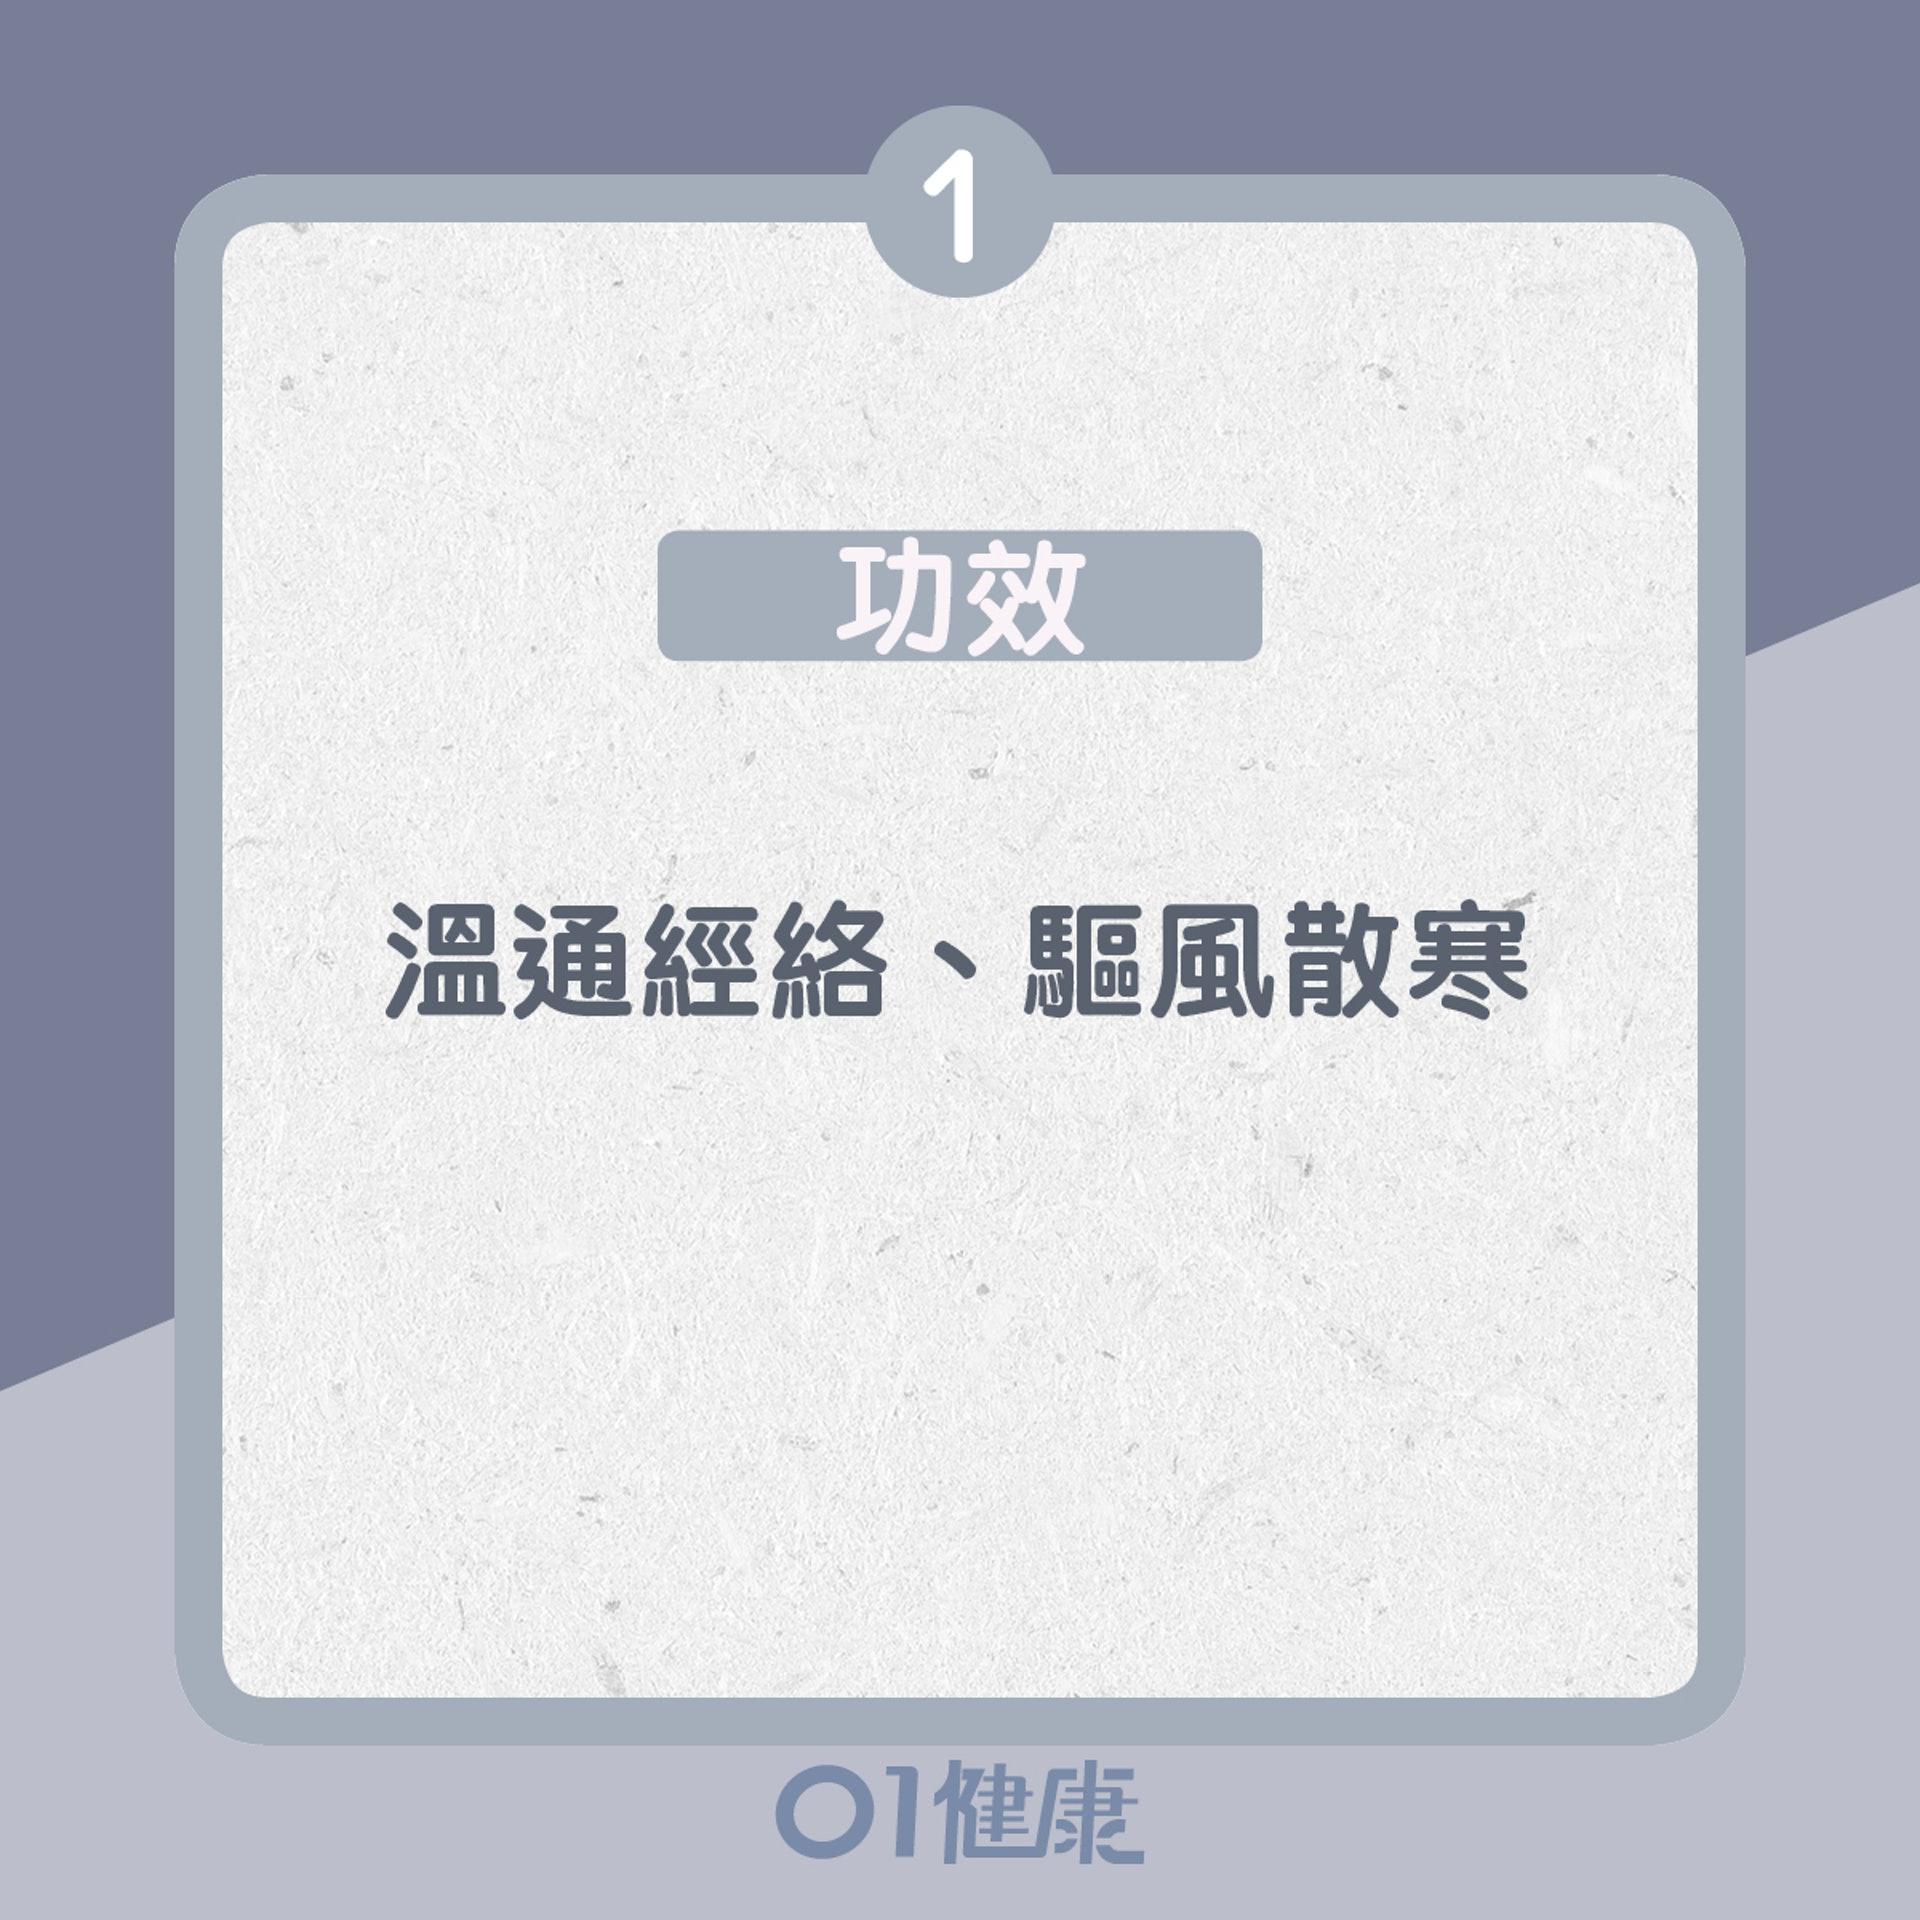 1. 陳薑皮泡手方:功效(01製圖)